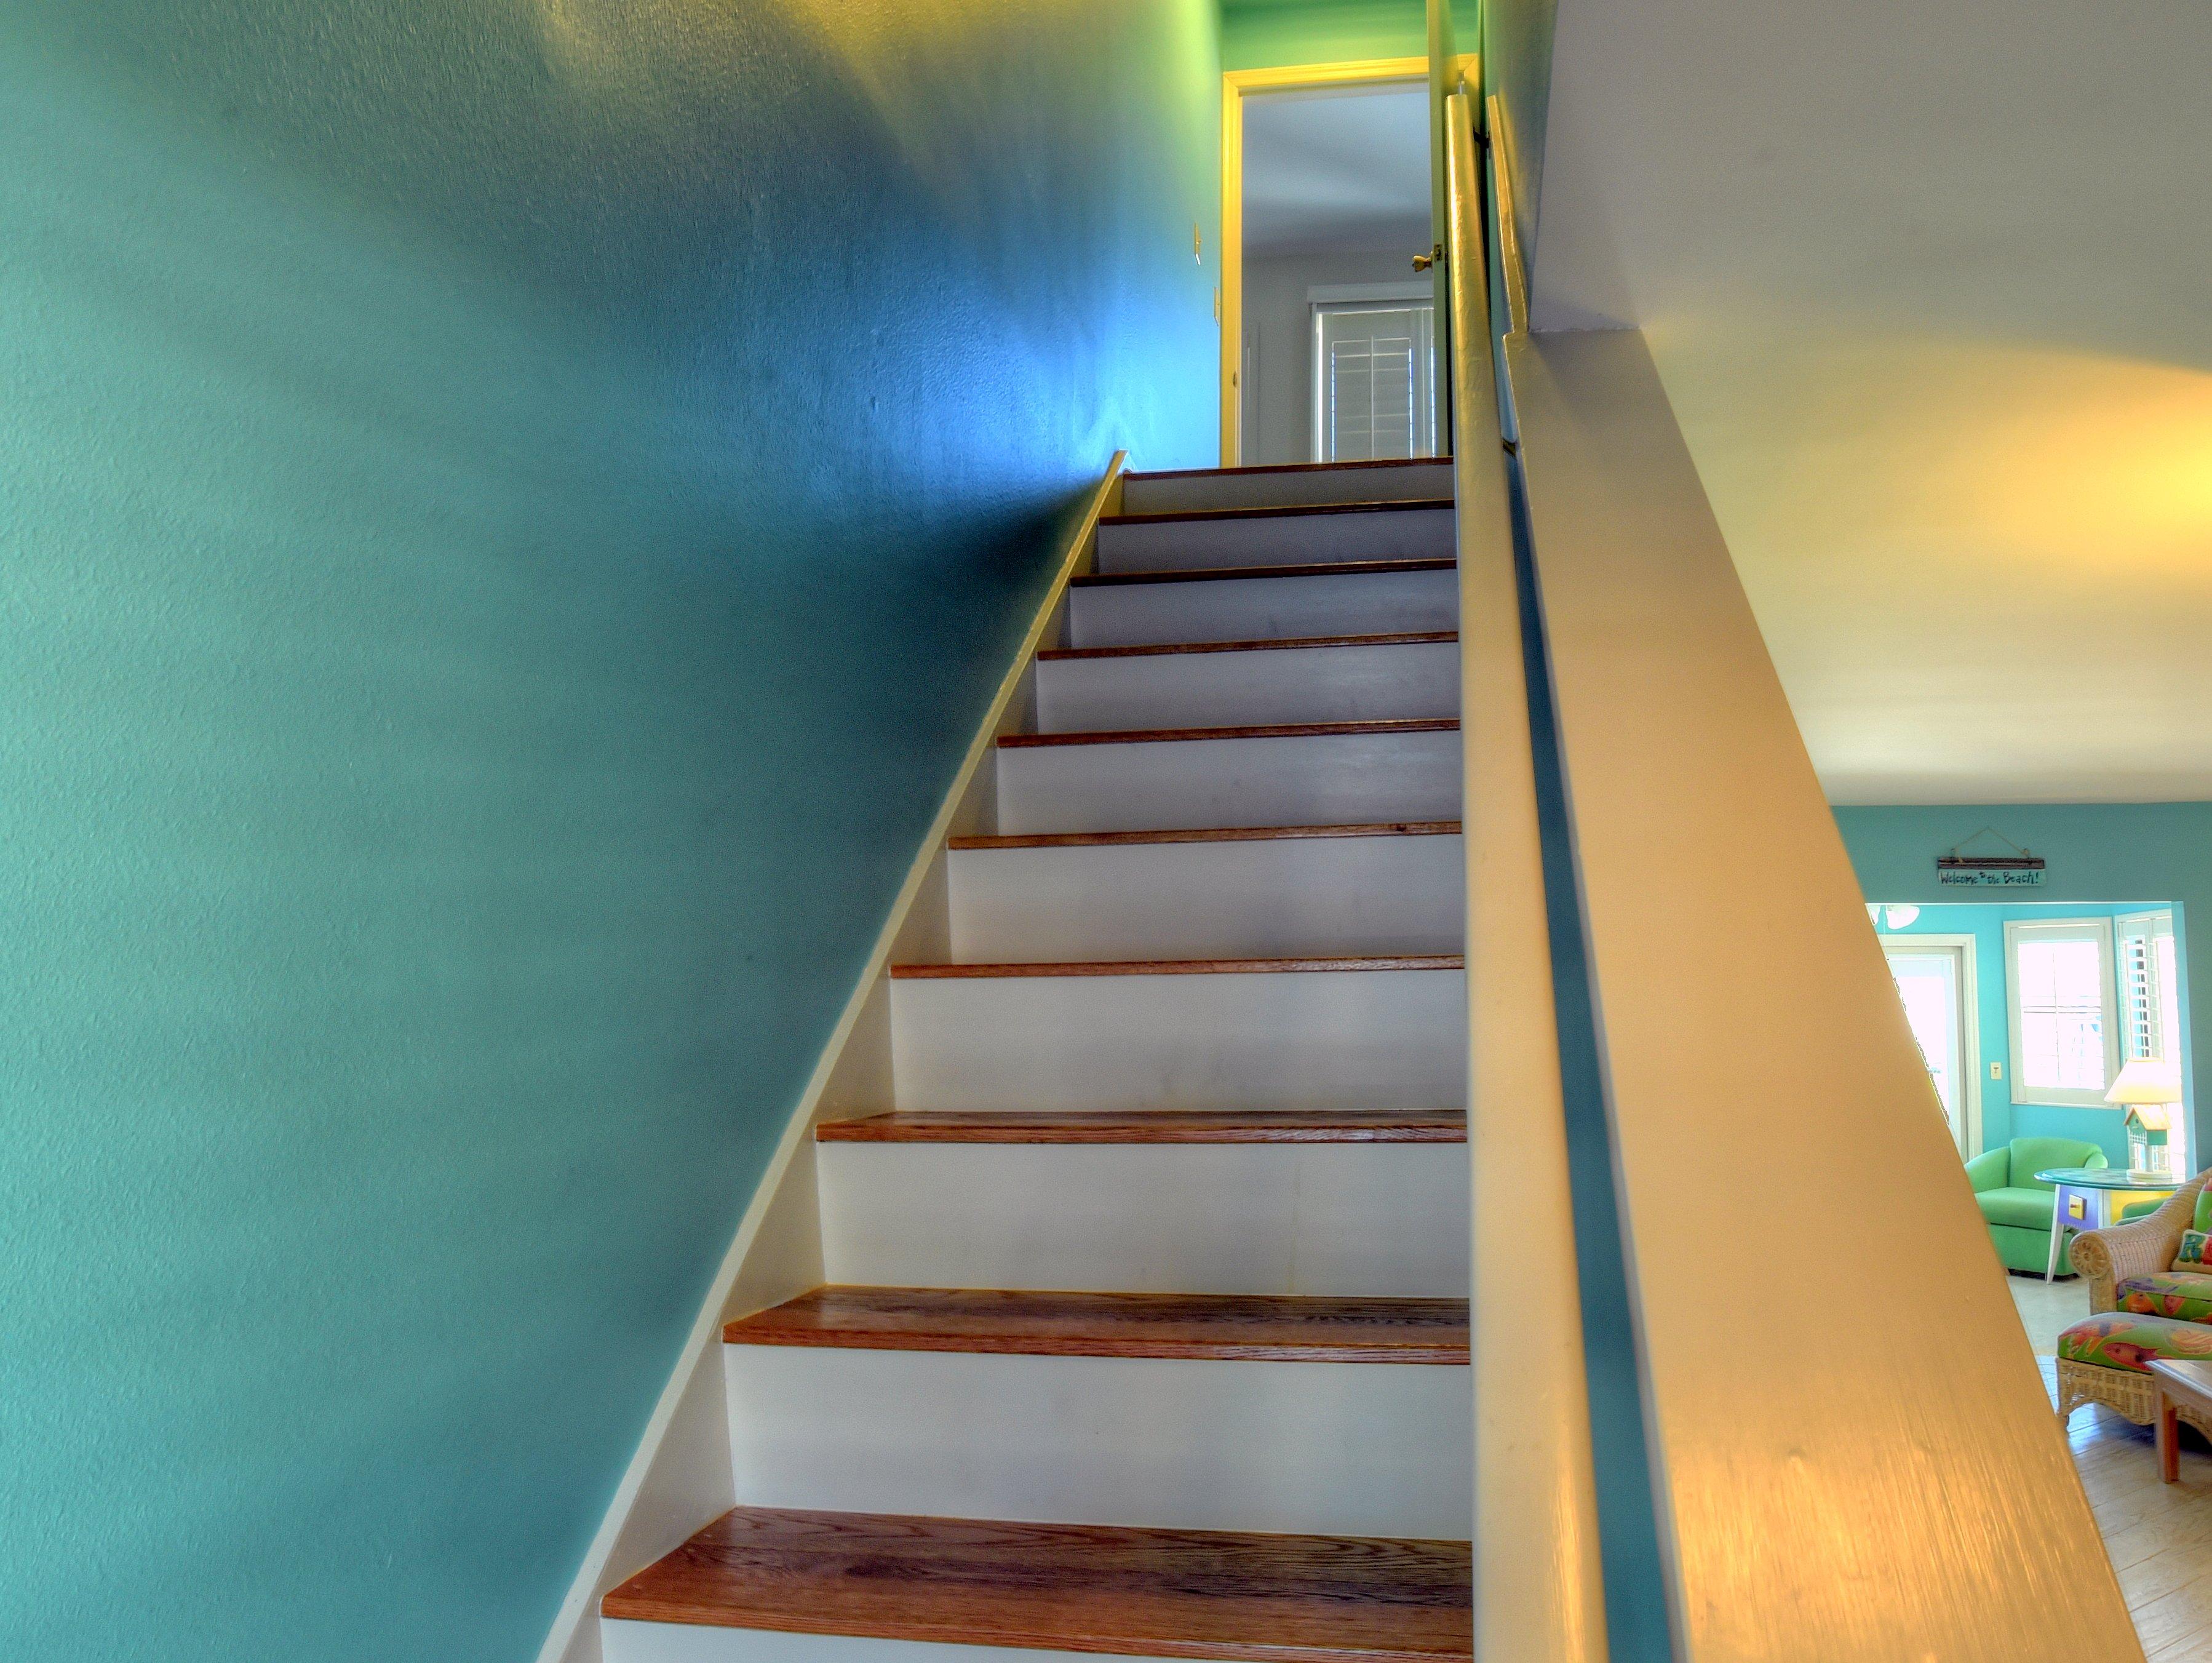 205 Fairways Condo rental in Sandestin Rentals ~ Cottages and Villas  in Destin Florida - #15